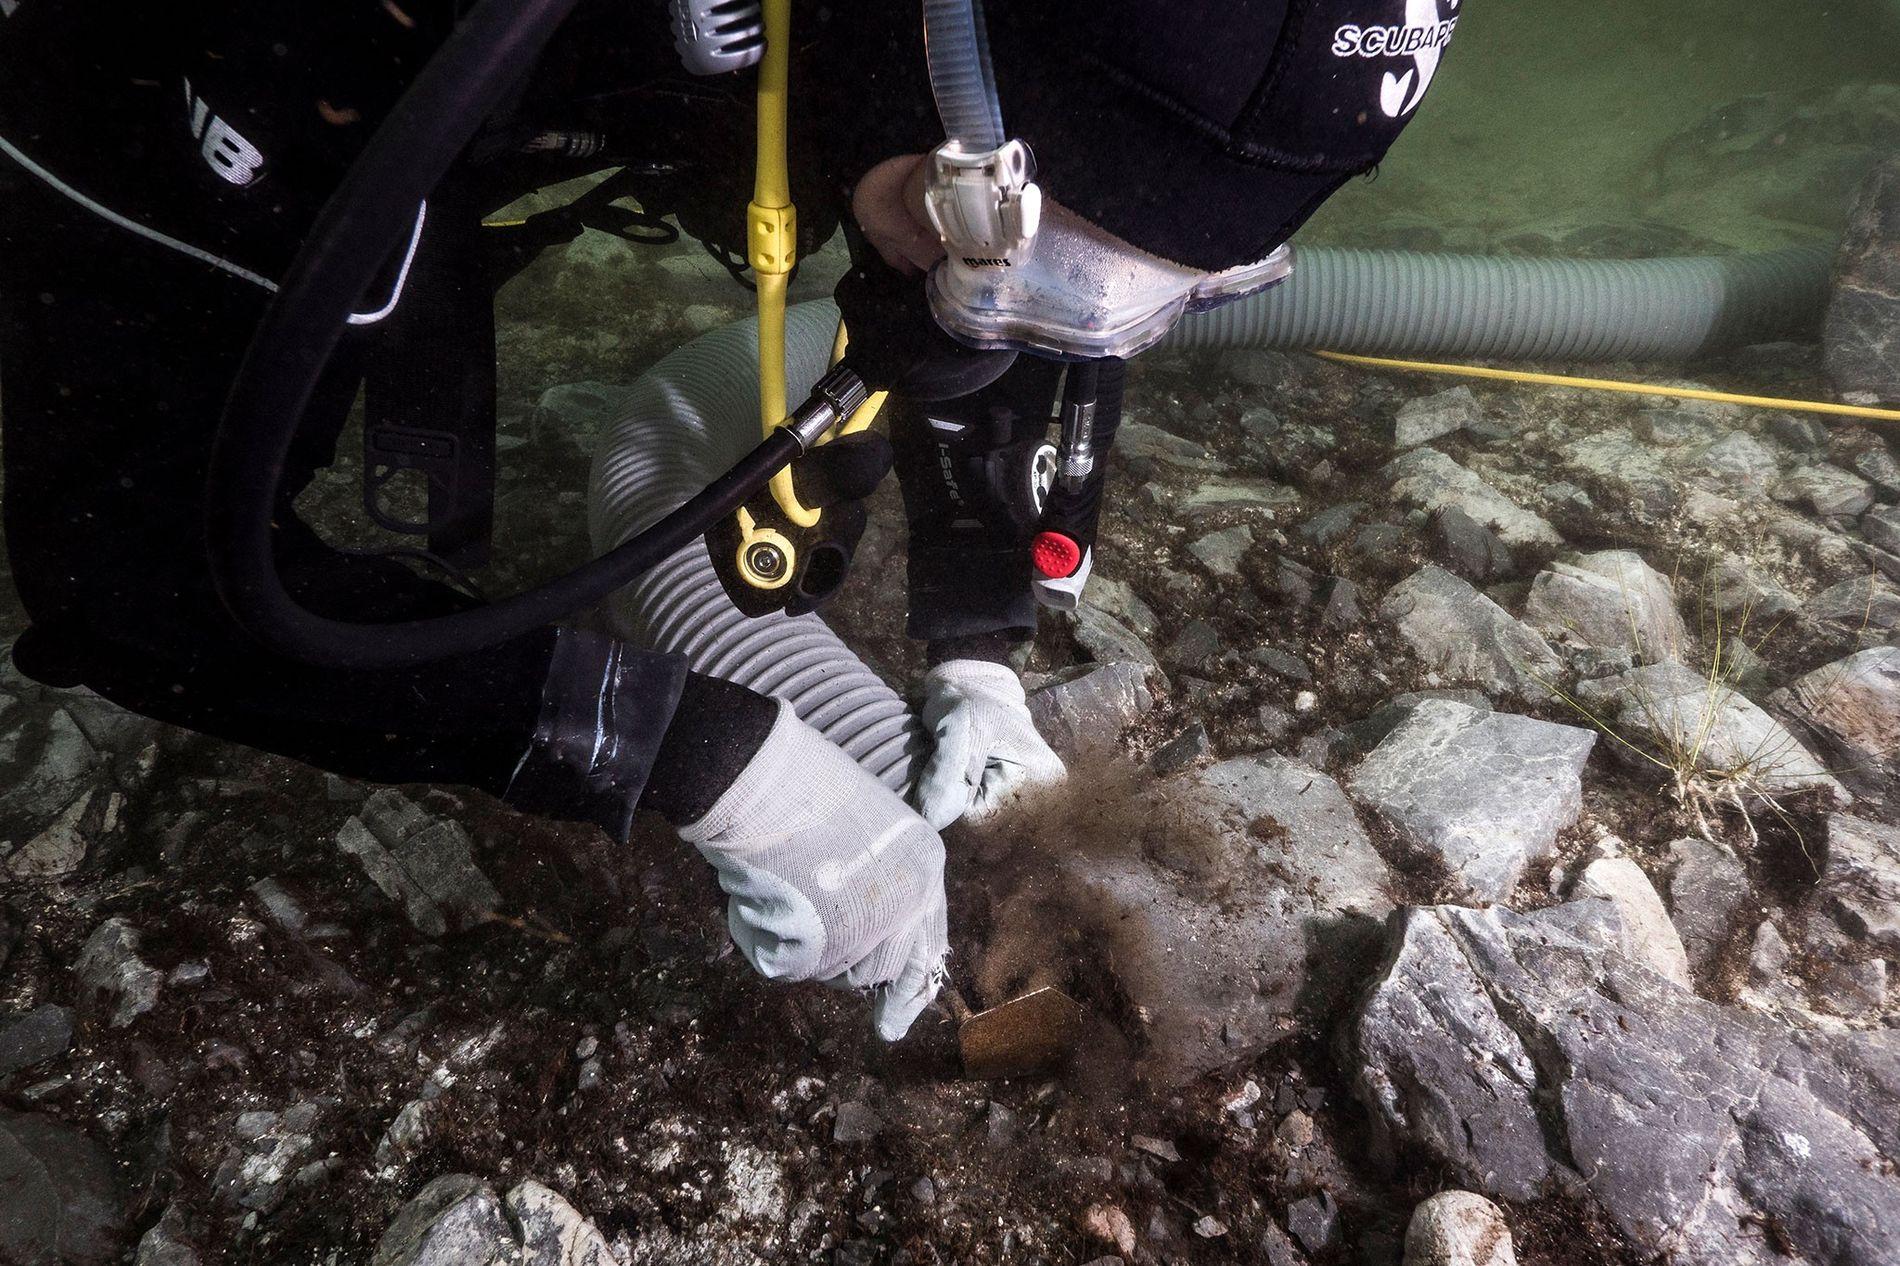 Arqueólogos escavam artefatos usados em rituais no Lago Titicaca, na Bolívia.